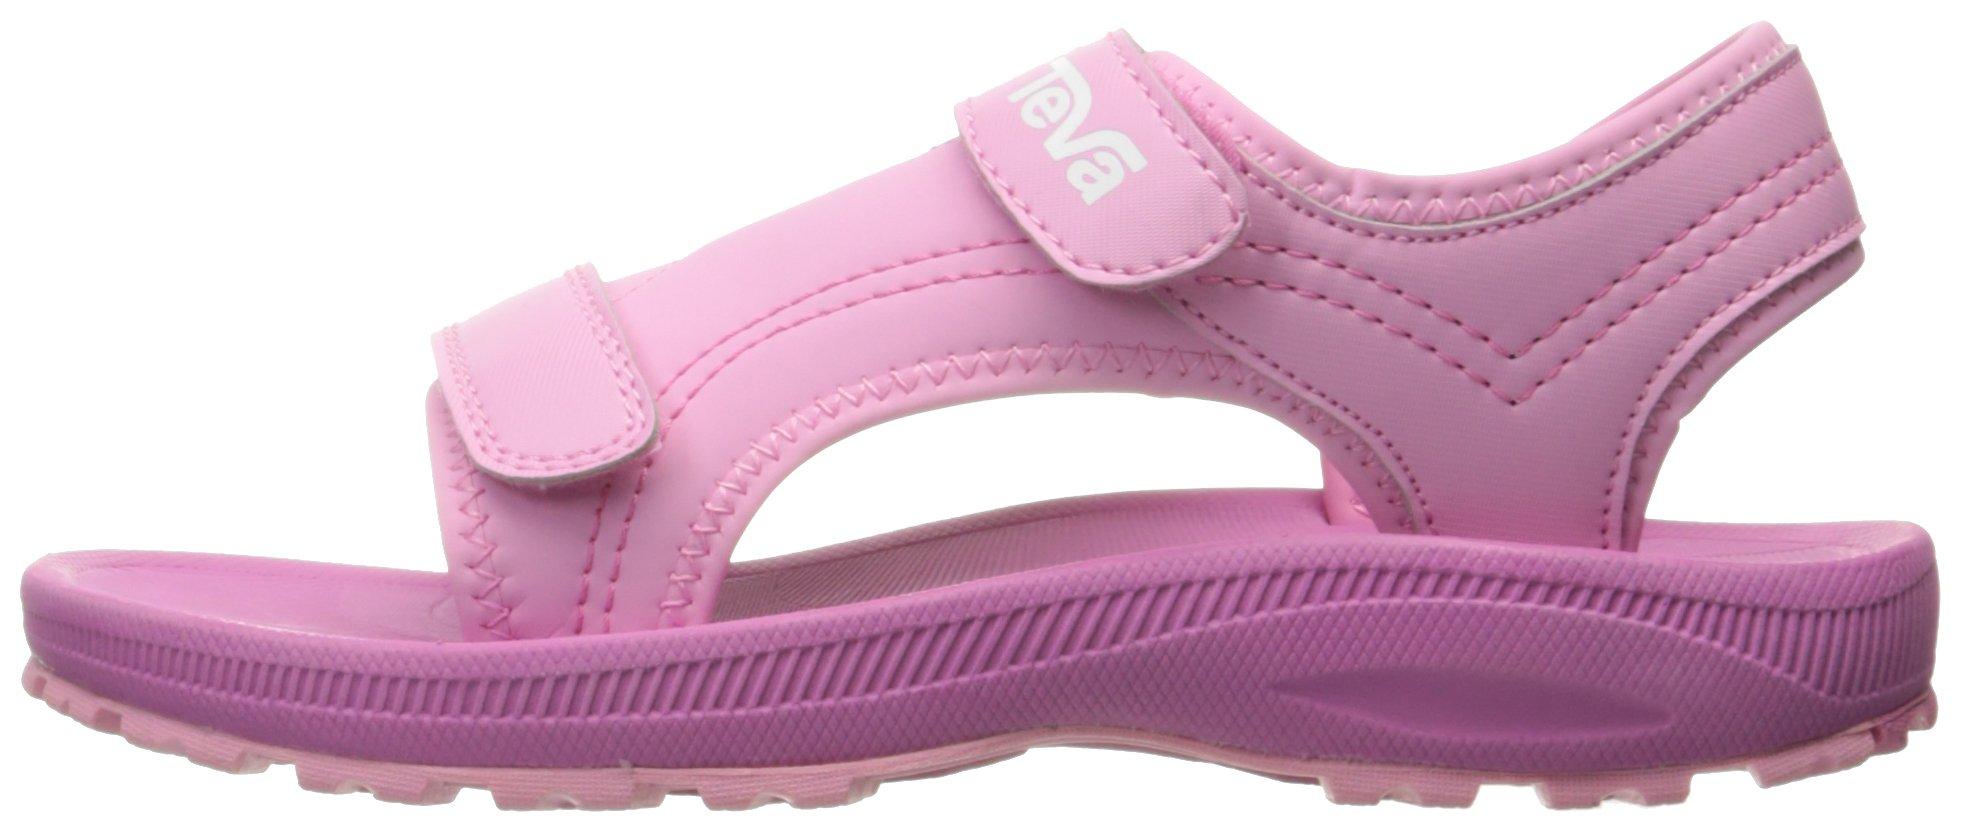 Teva Girls' Psyclone 4 Sandal, Pink, 1 M US Little Kid by Teva (Image #5)